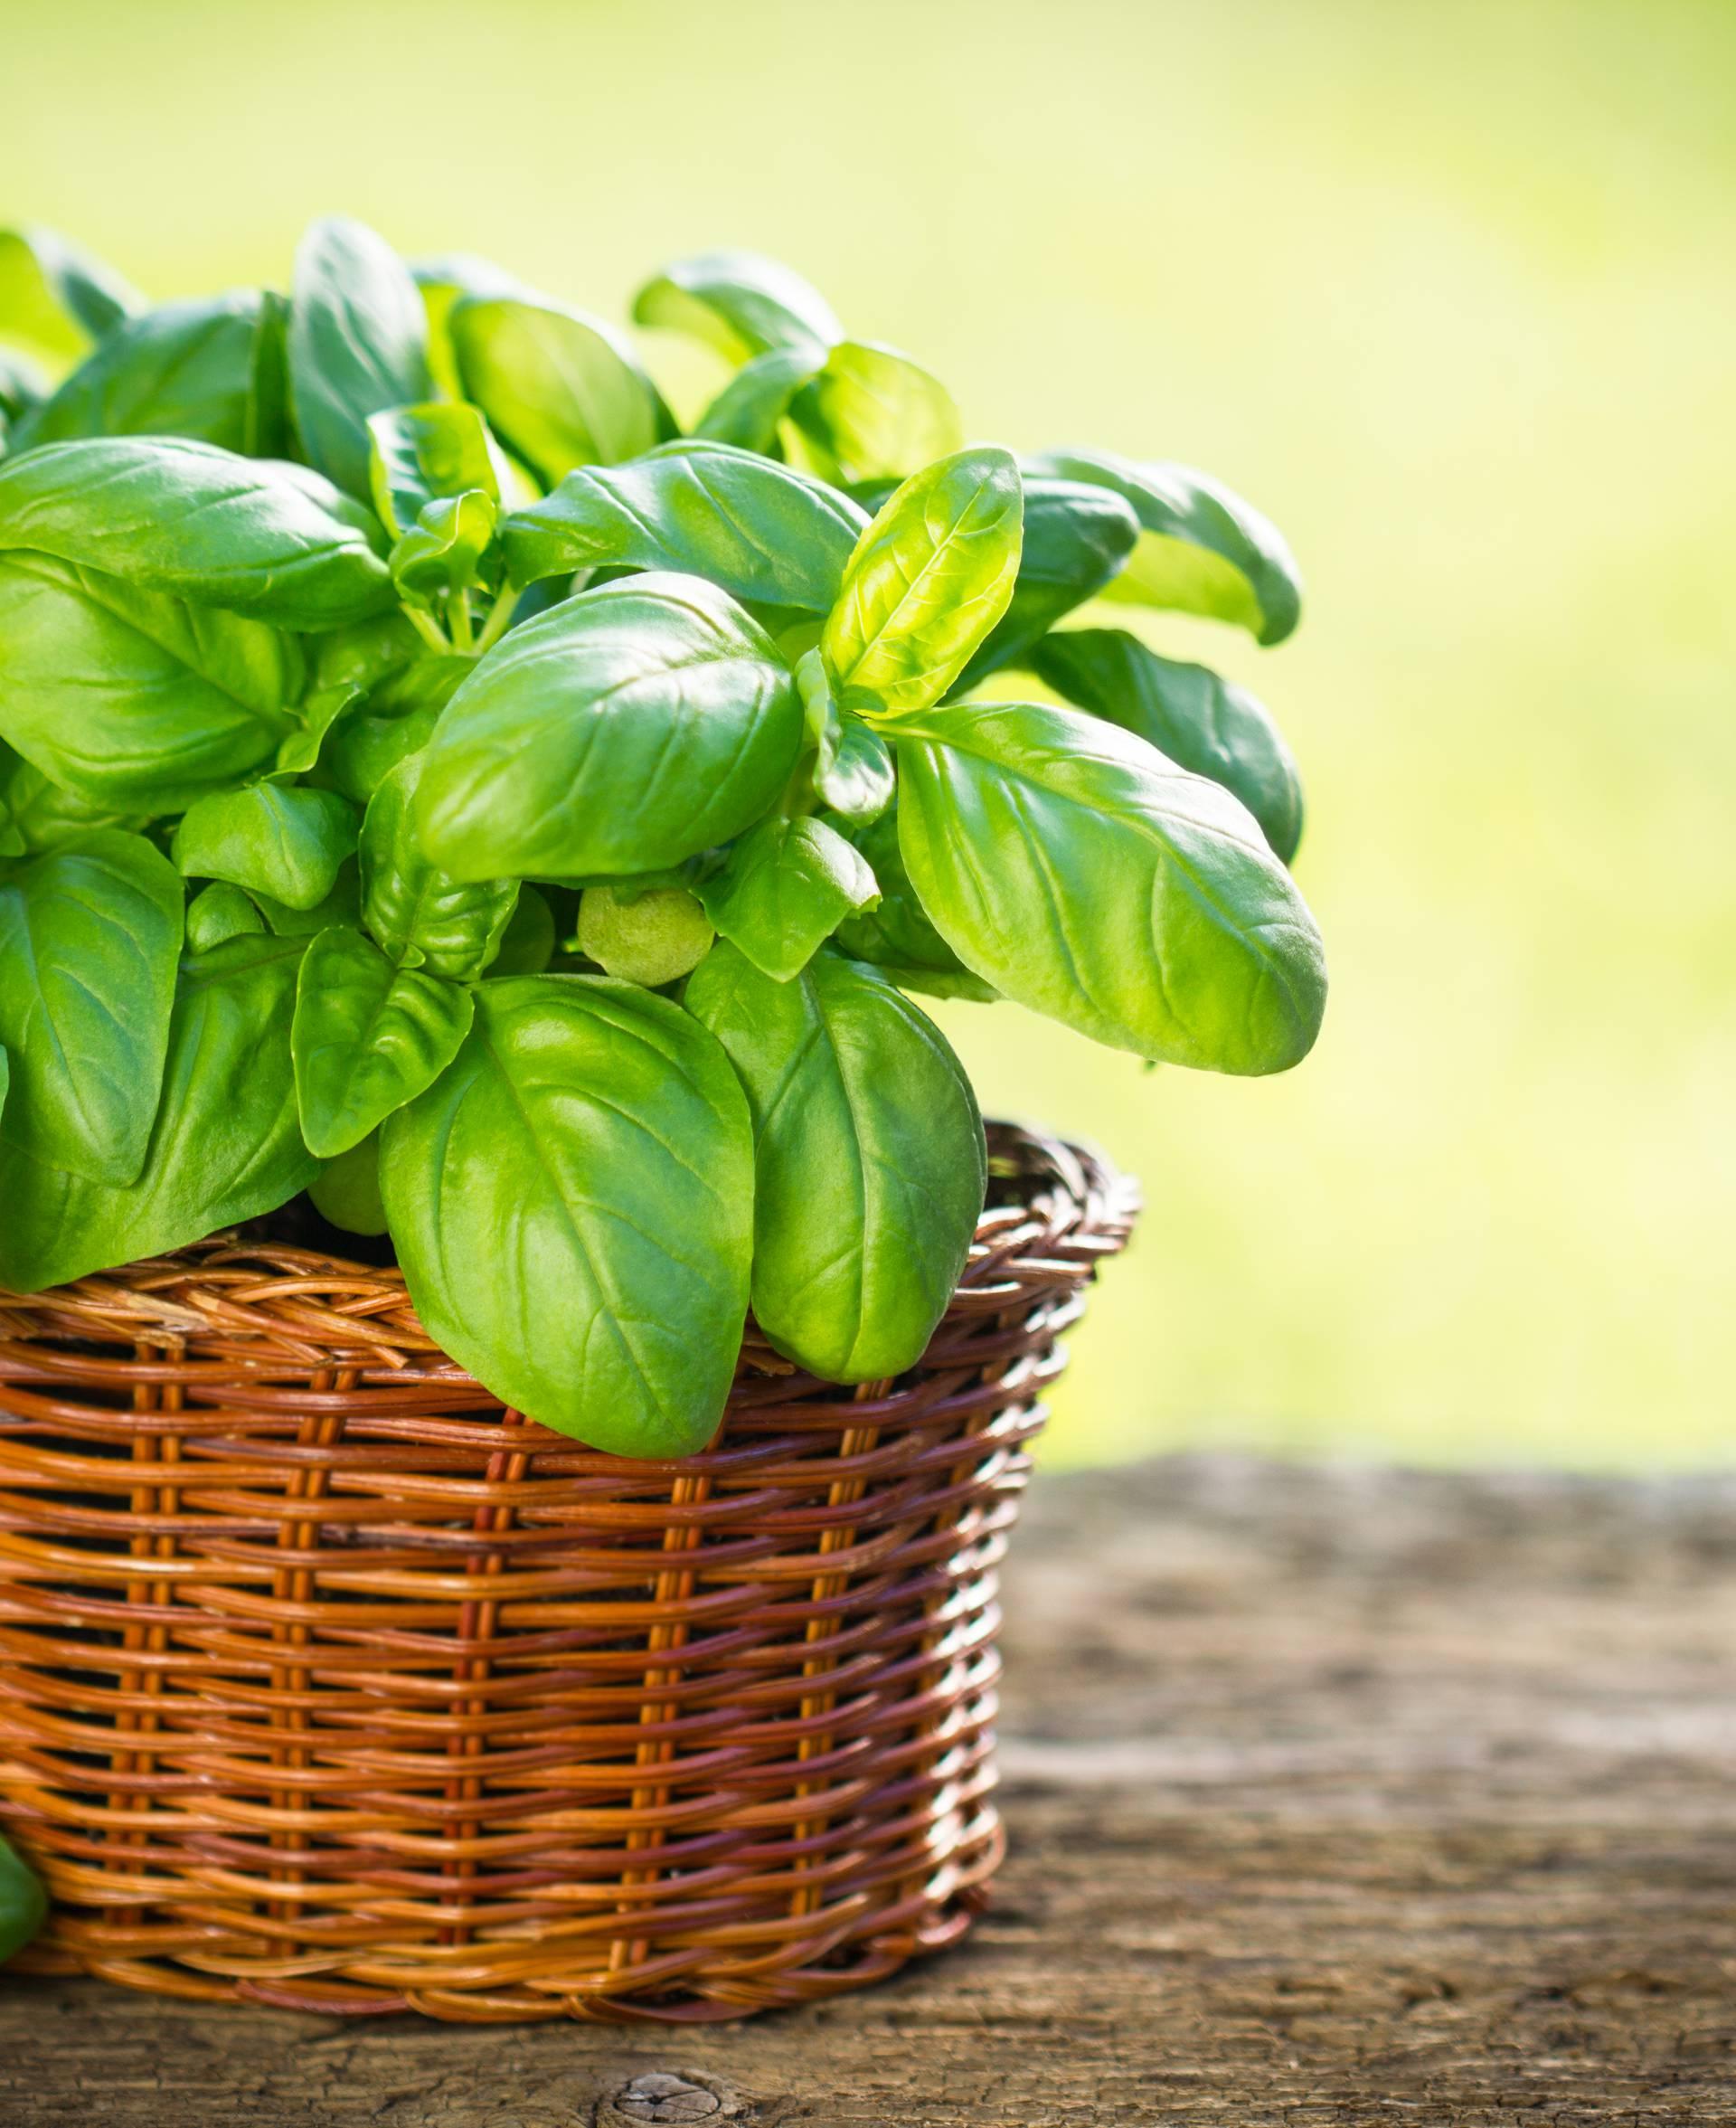 Bosiljak - mirisna biljka koju je šteta koristiti samo za začin